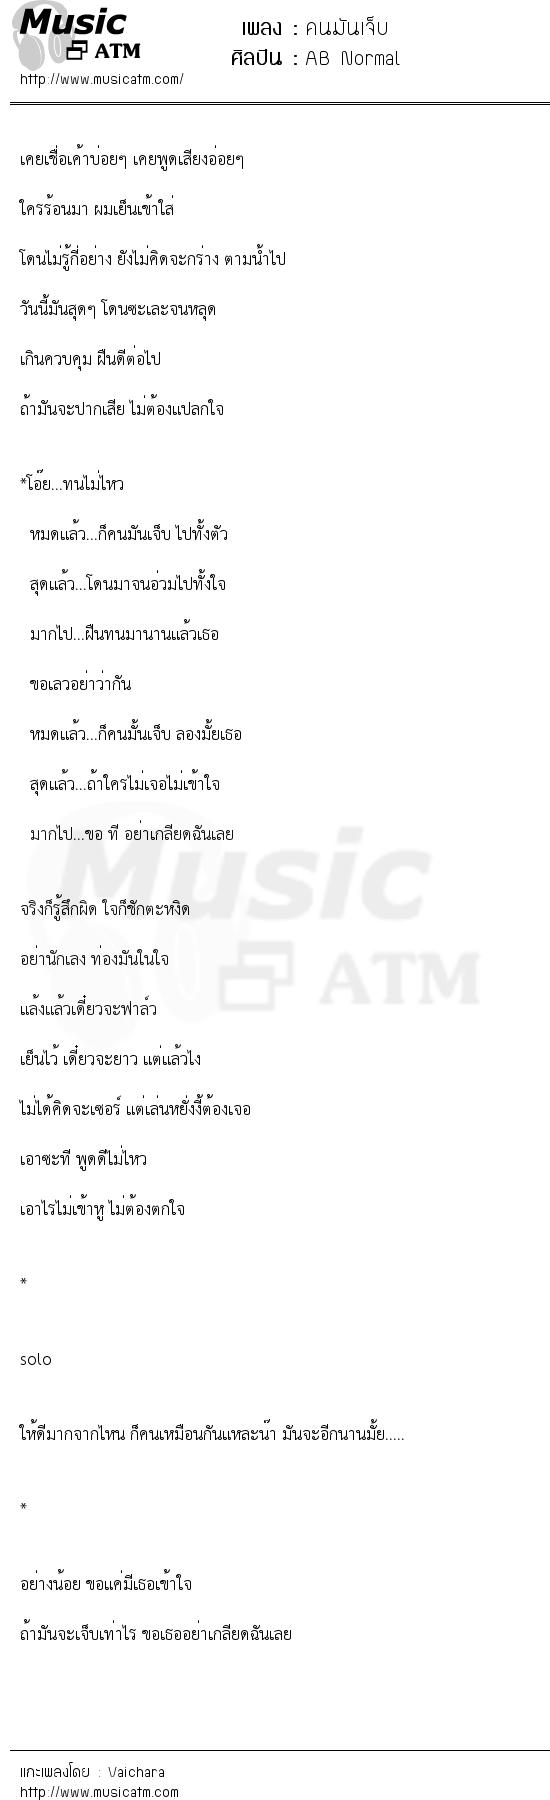 เนื้อเพลง คนมันเจ็บ - AB Normal | เพลงไทย